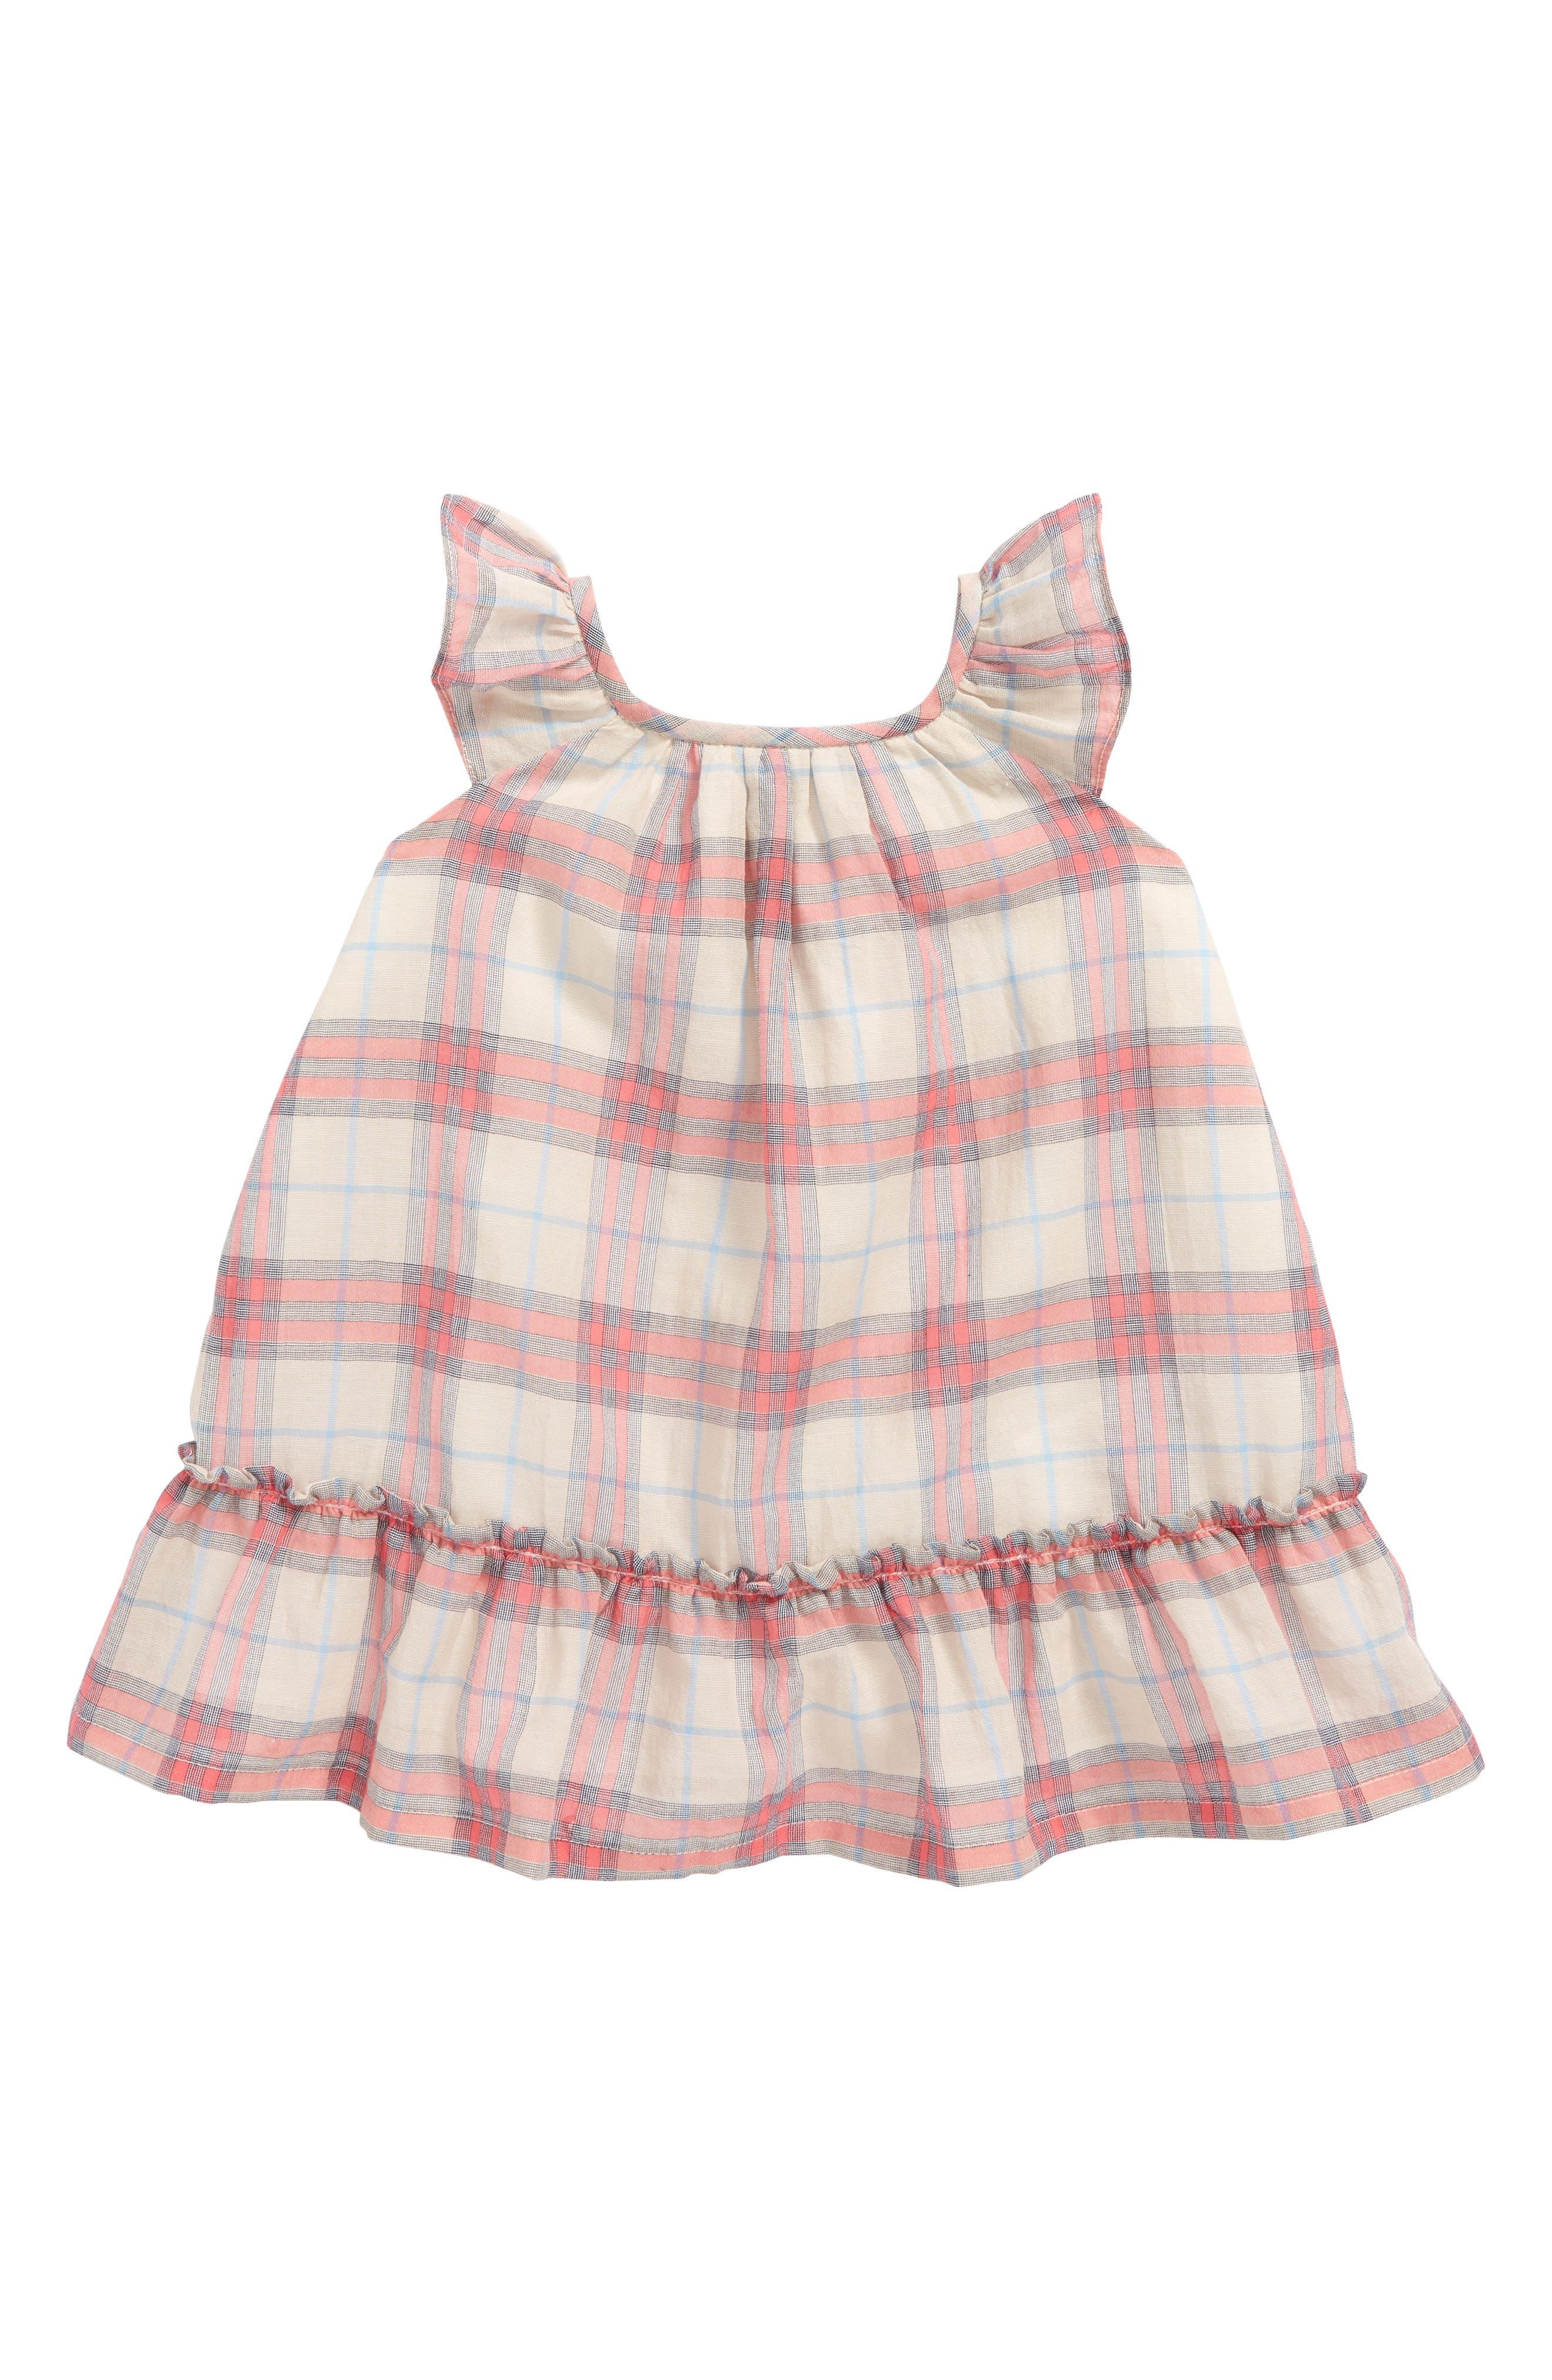 Tania Check Dress,                             Main thumbnail 1, color,                             671